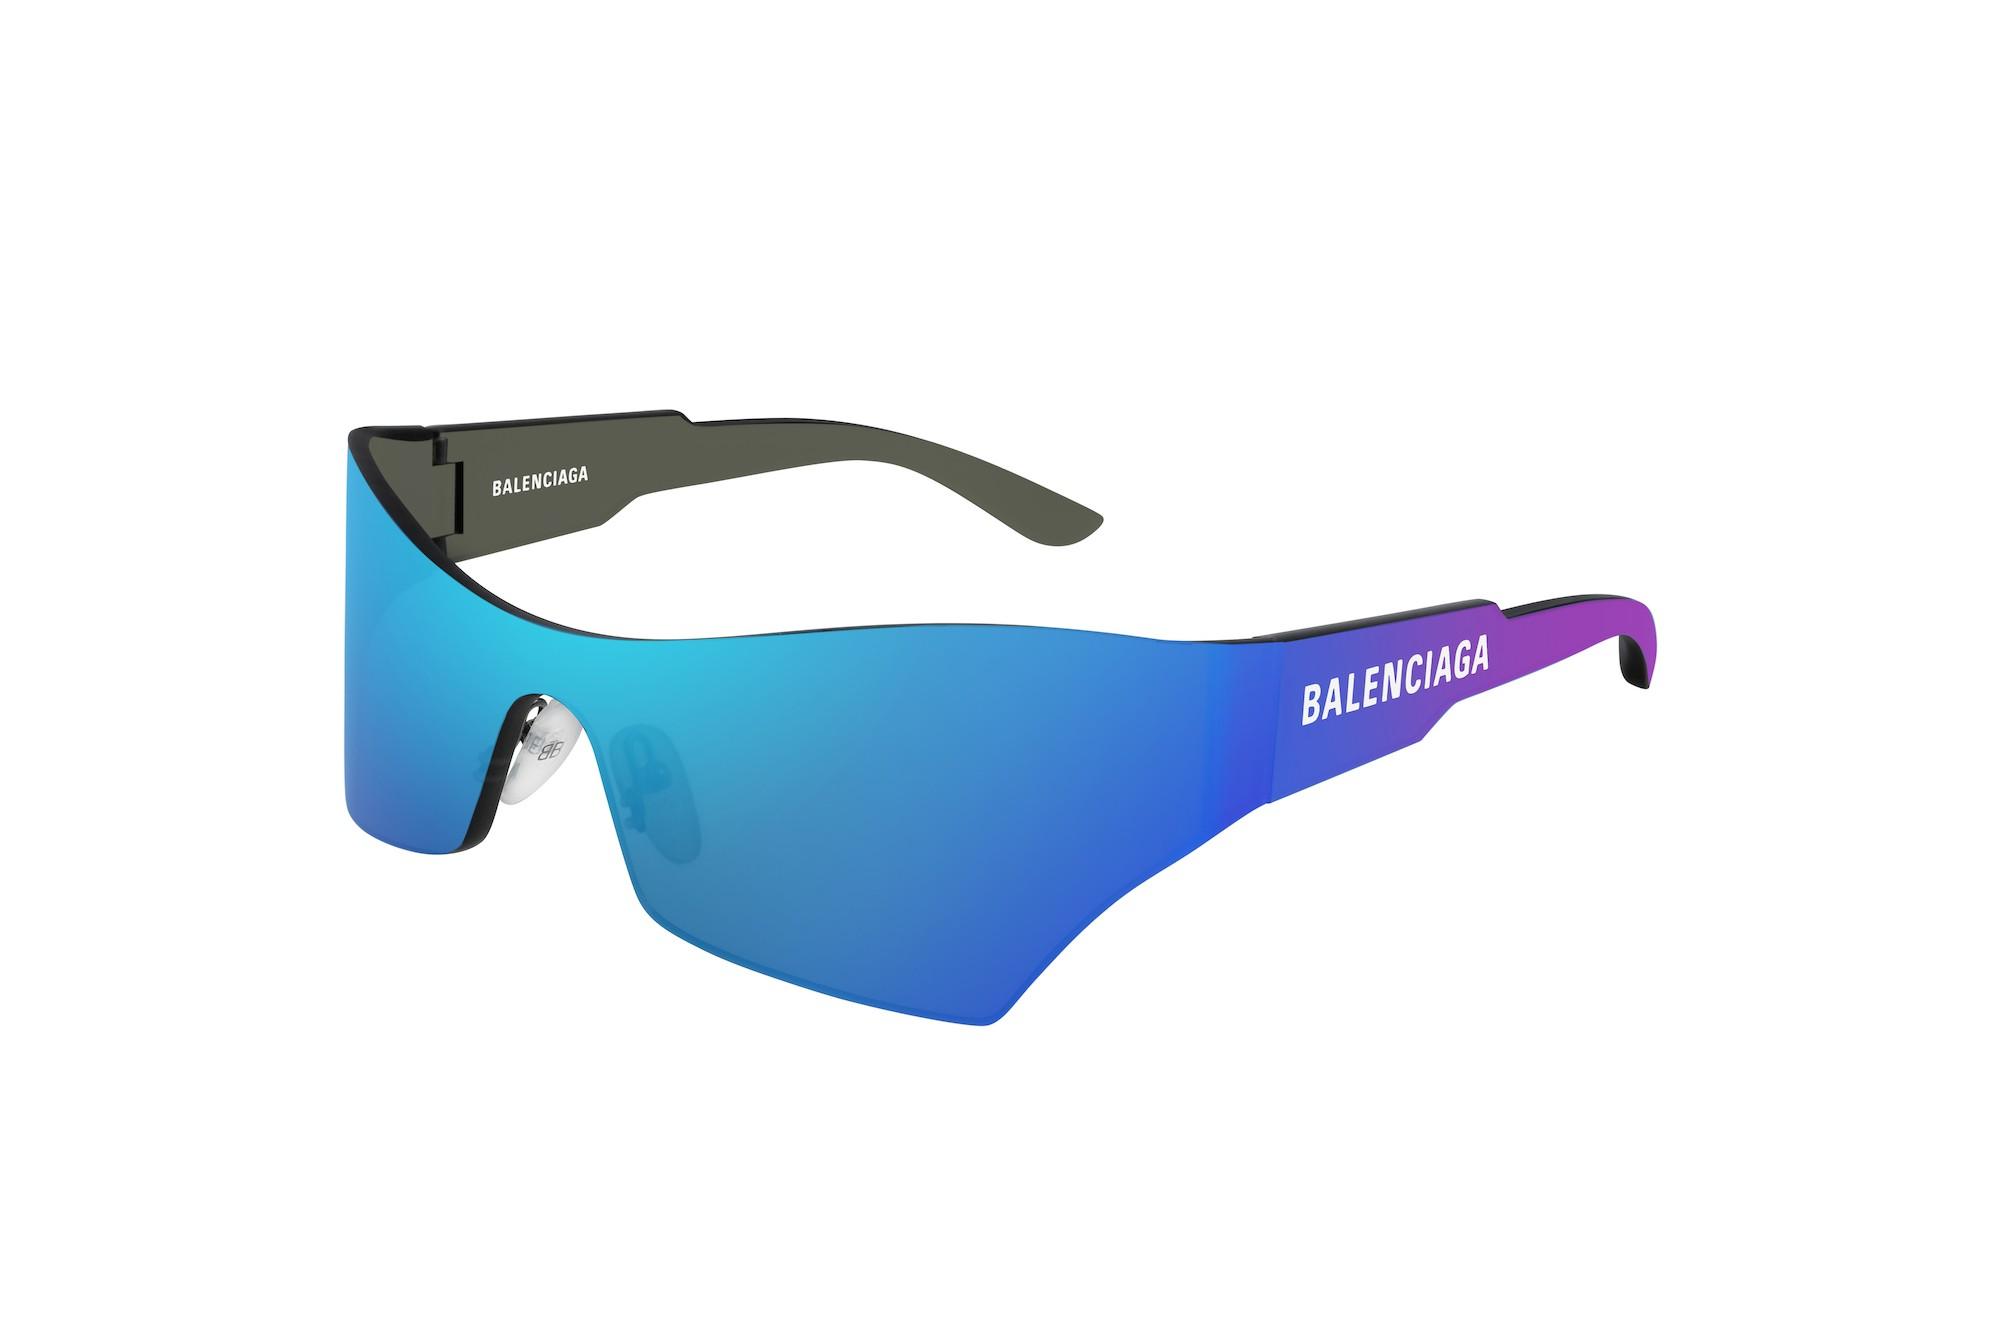 Sunglasses? La nuova estetica è retro-futurista